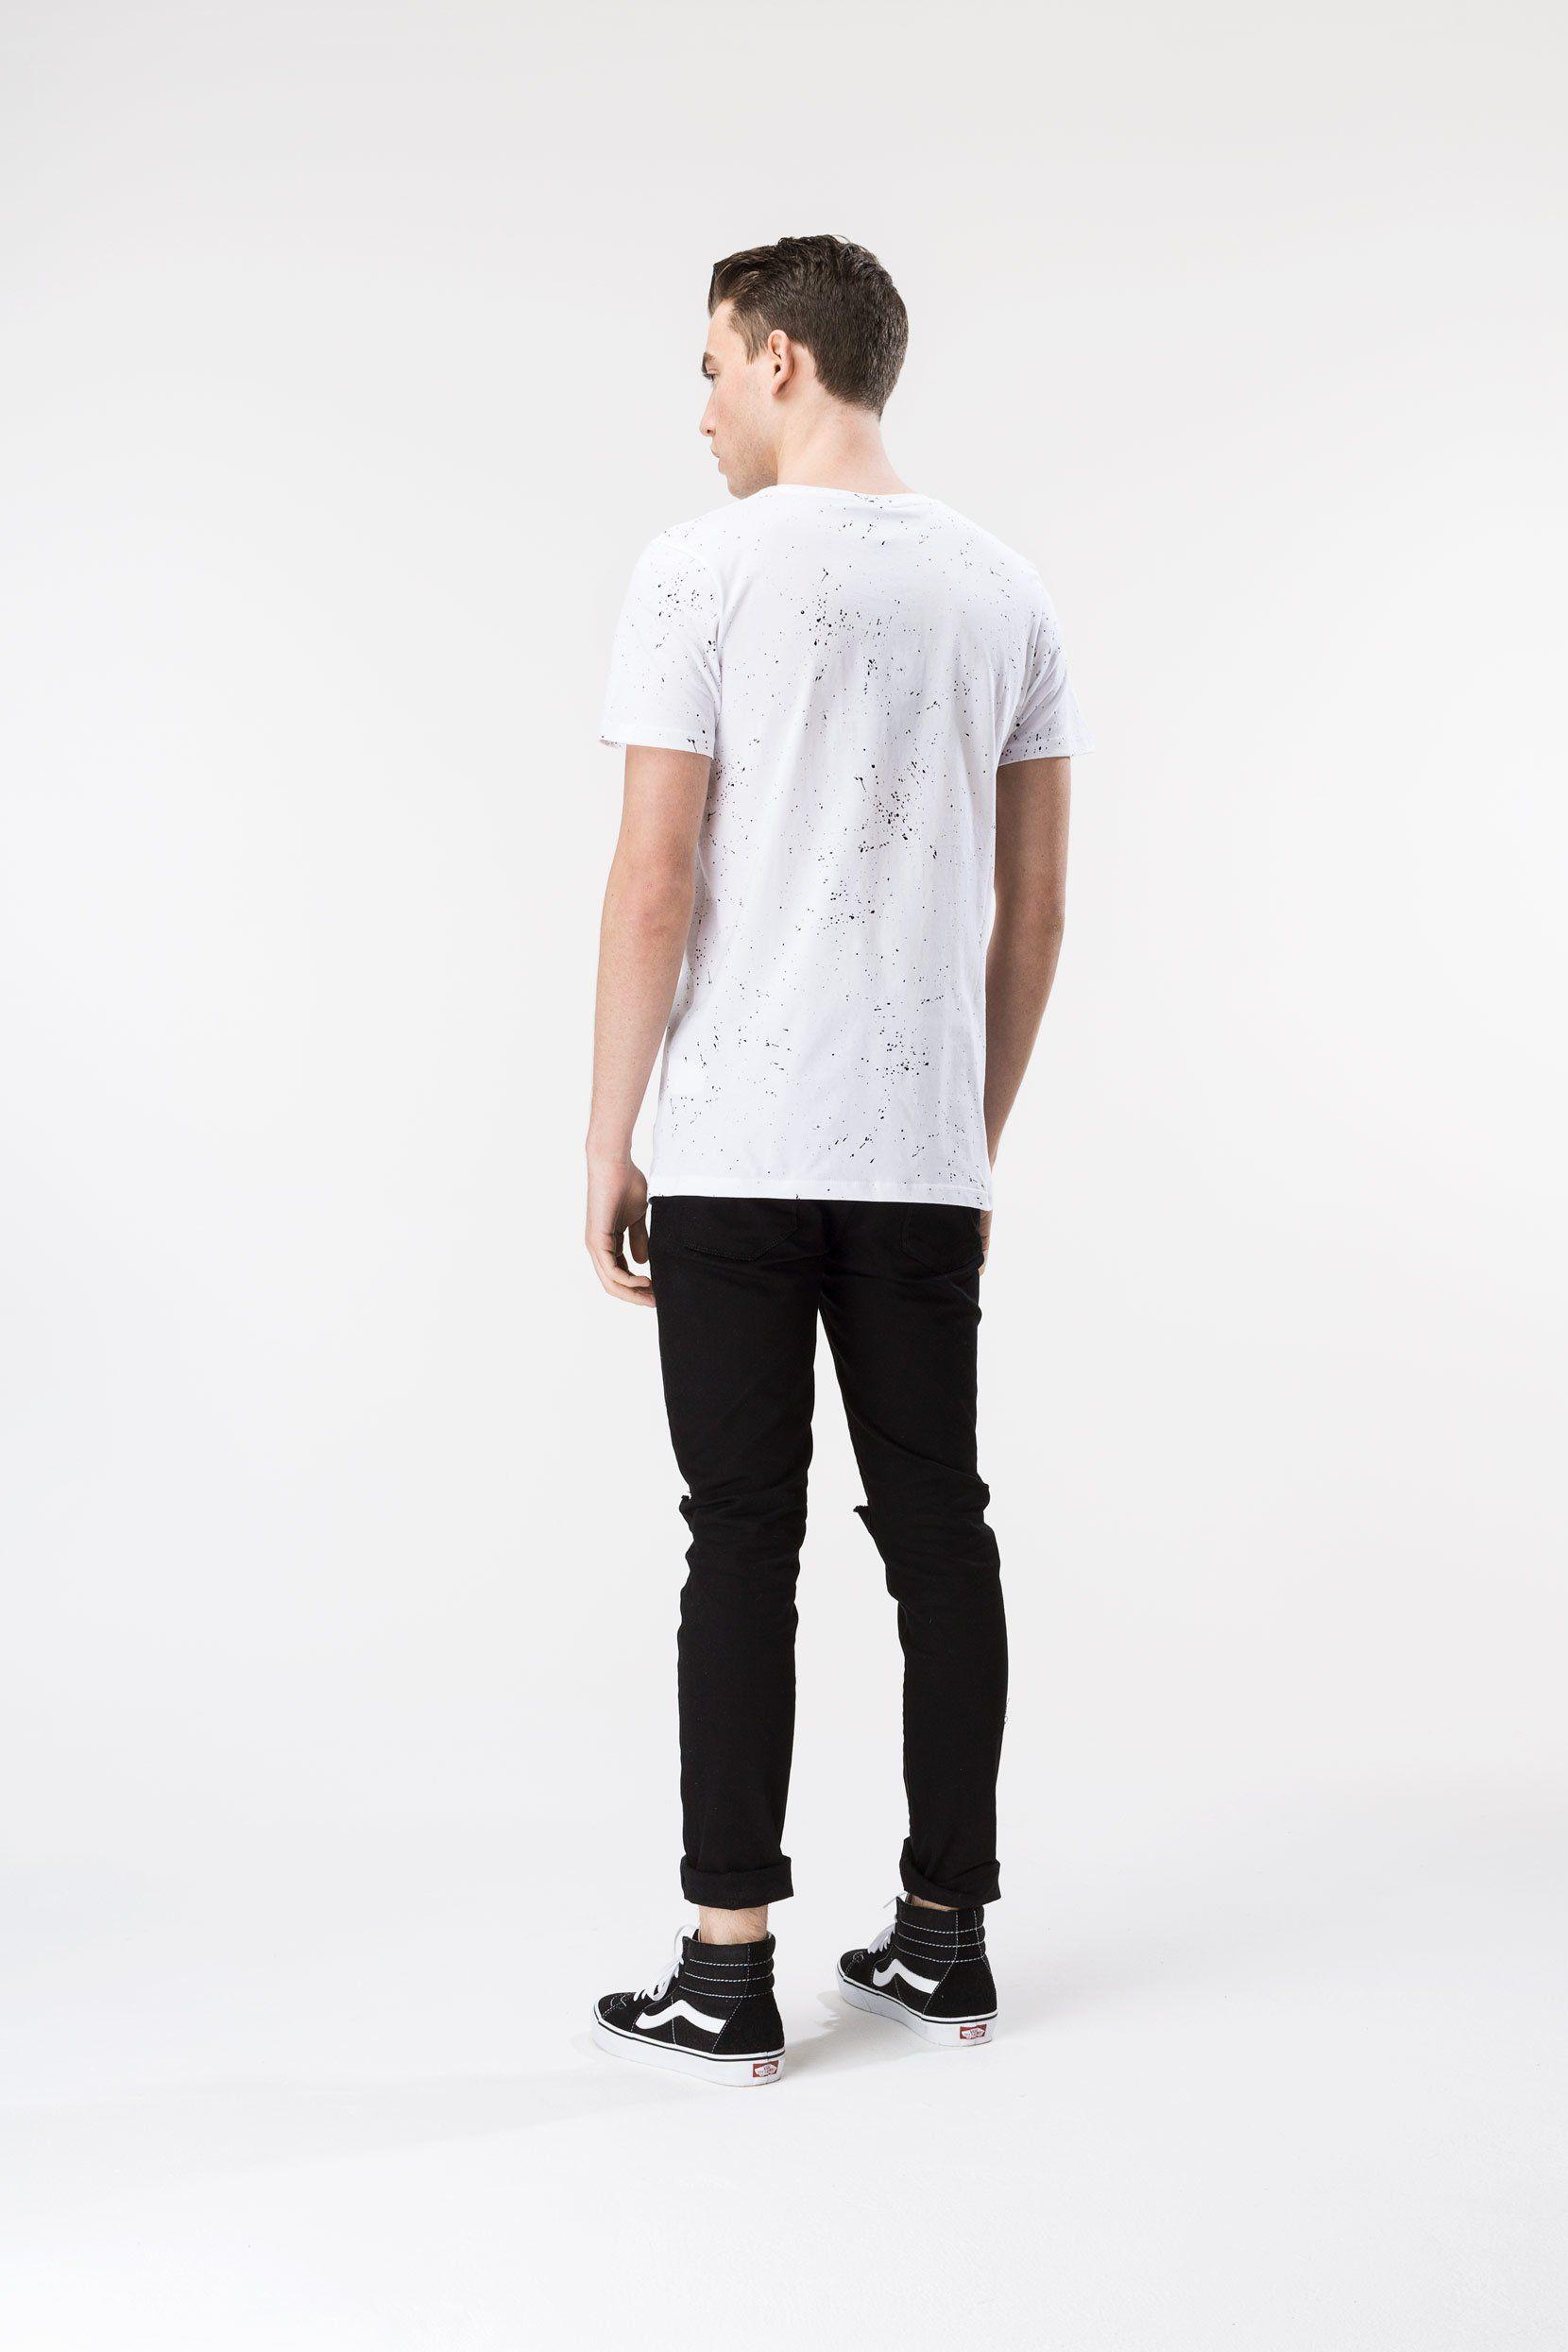 Hype White Aop Speckle Mens T-Shirt Xxs